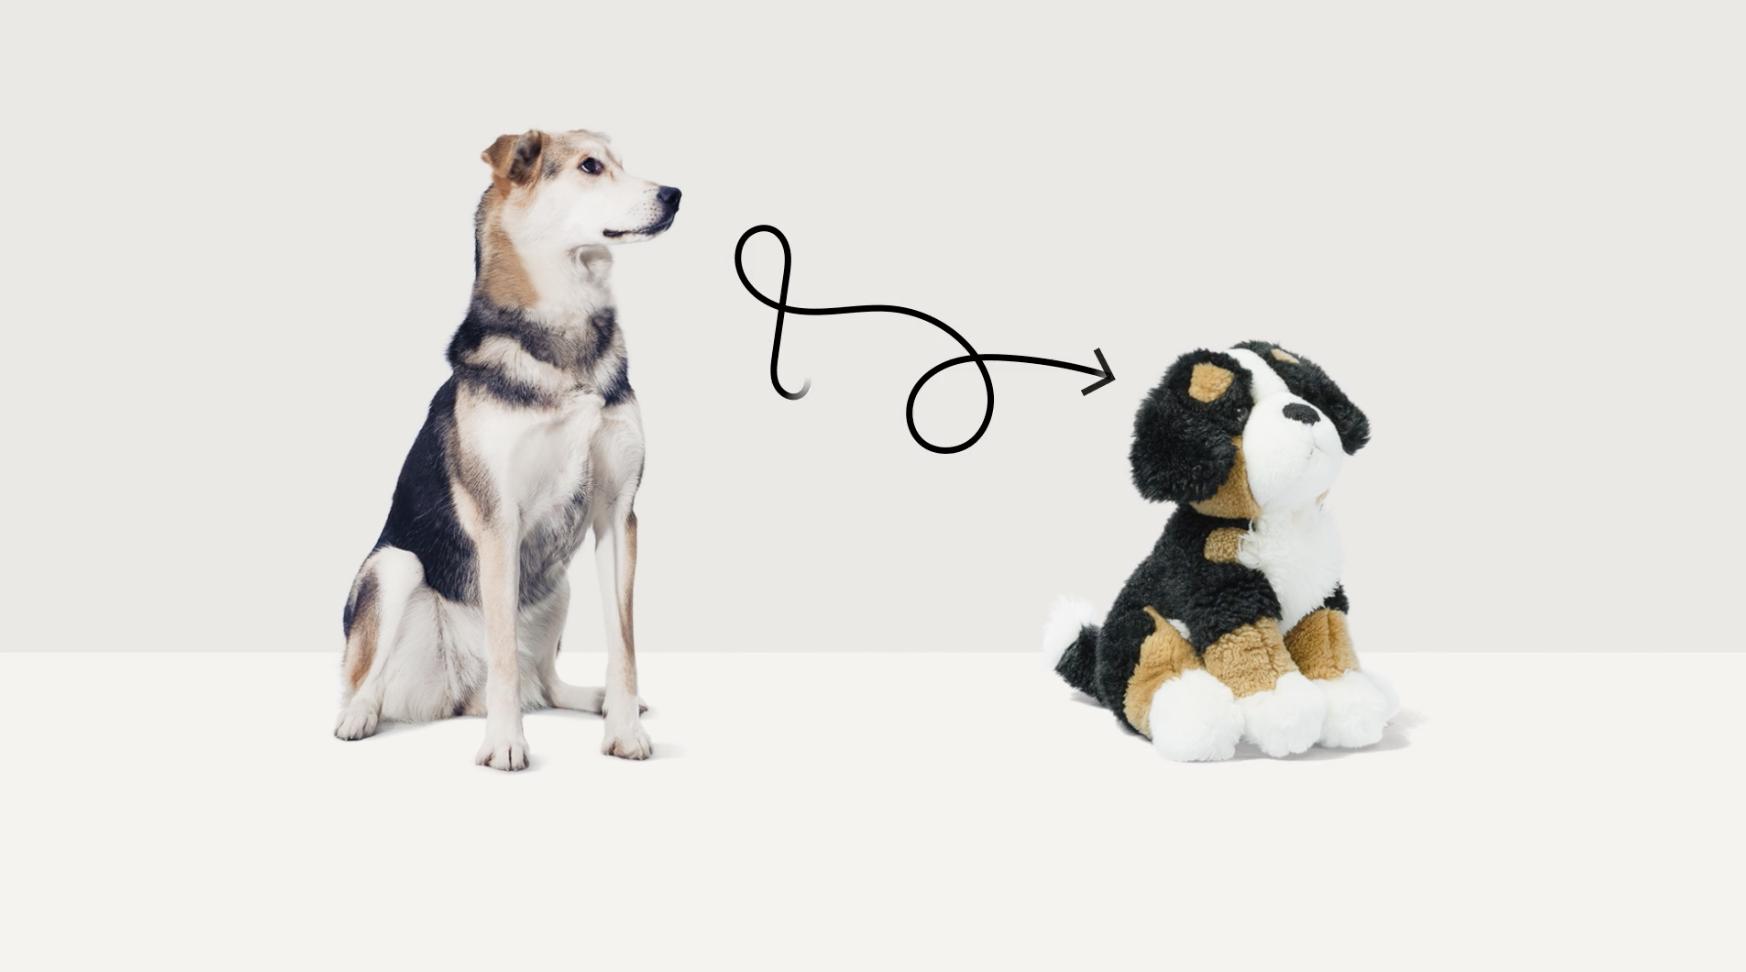 ペットを飼う前にぬいぐるみでトレーニング スロベニアの 正しい里親 啓蒙キャンペーン Adgang 里親 ペット 動物